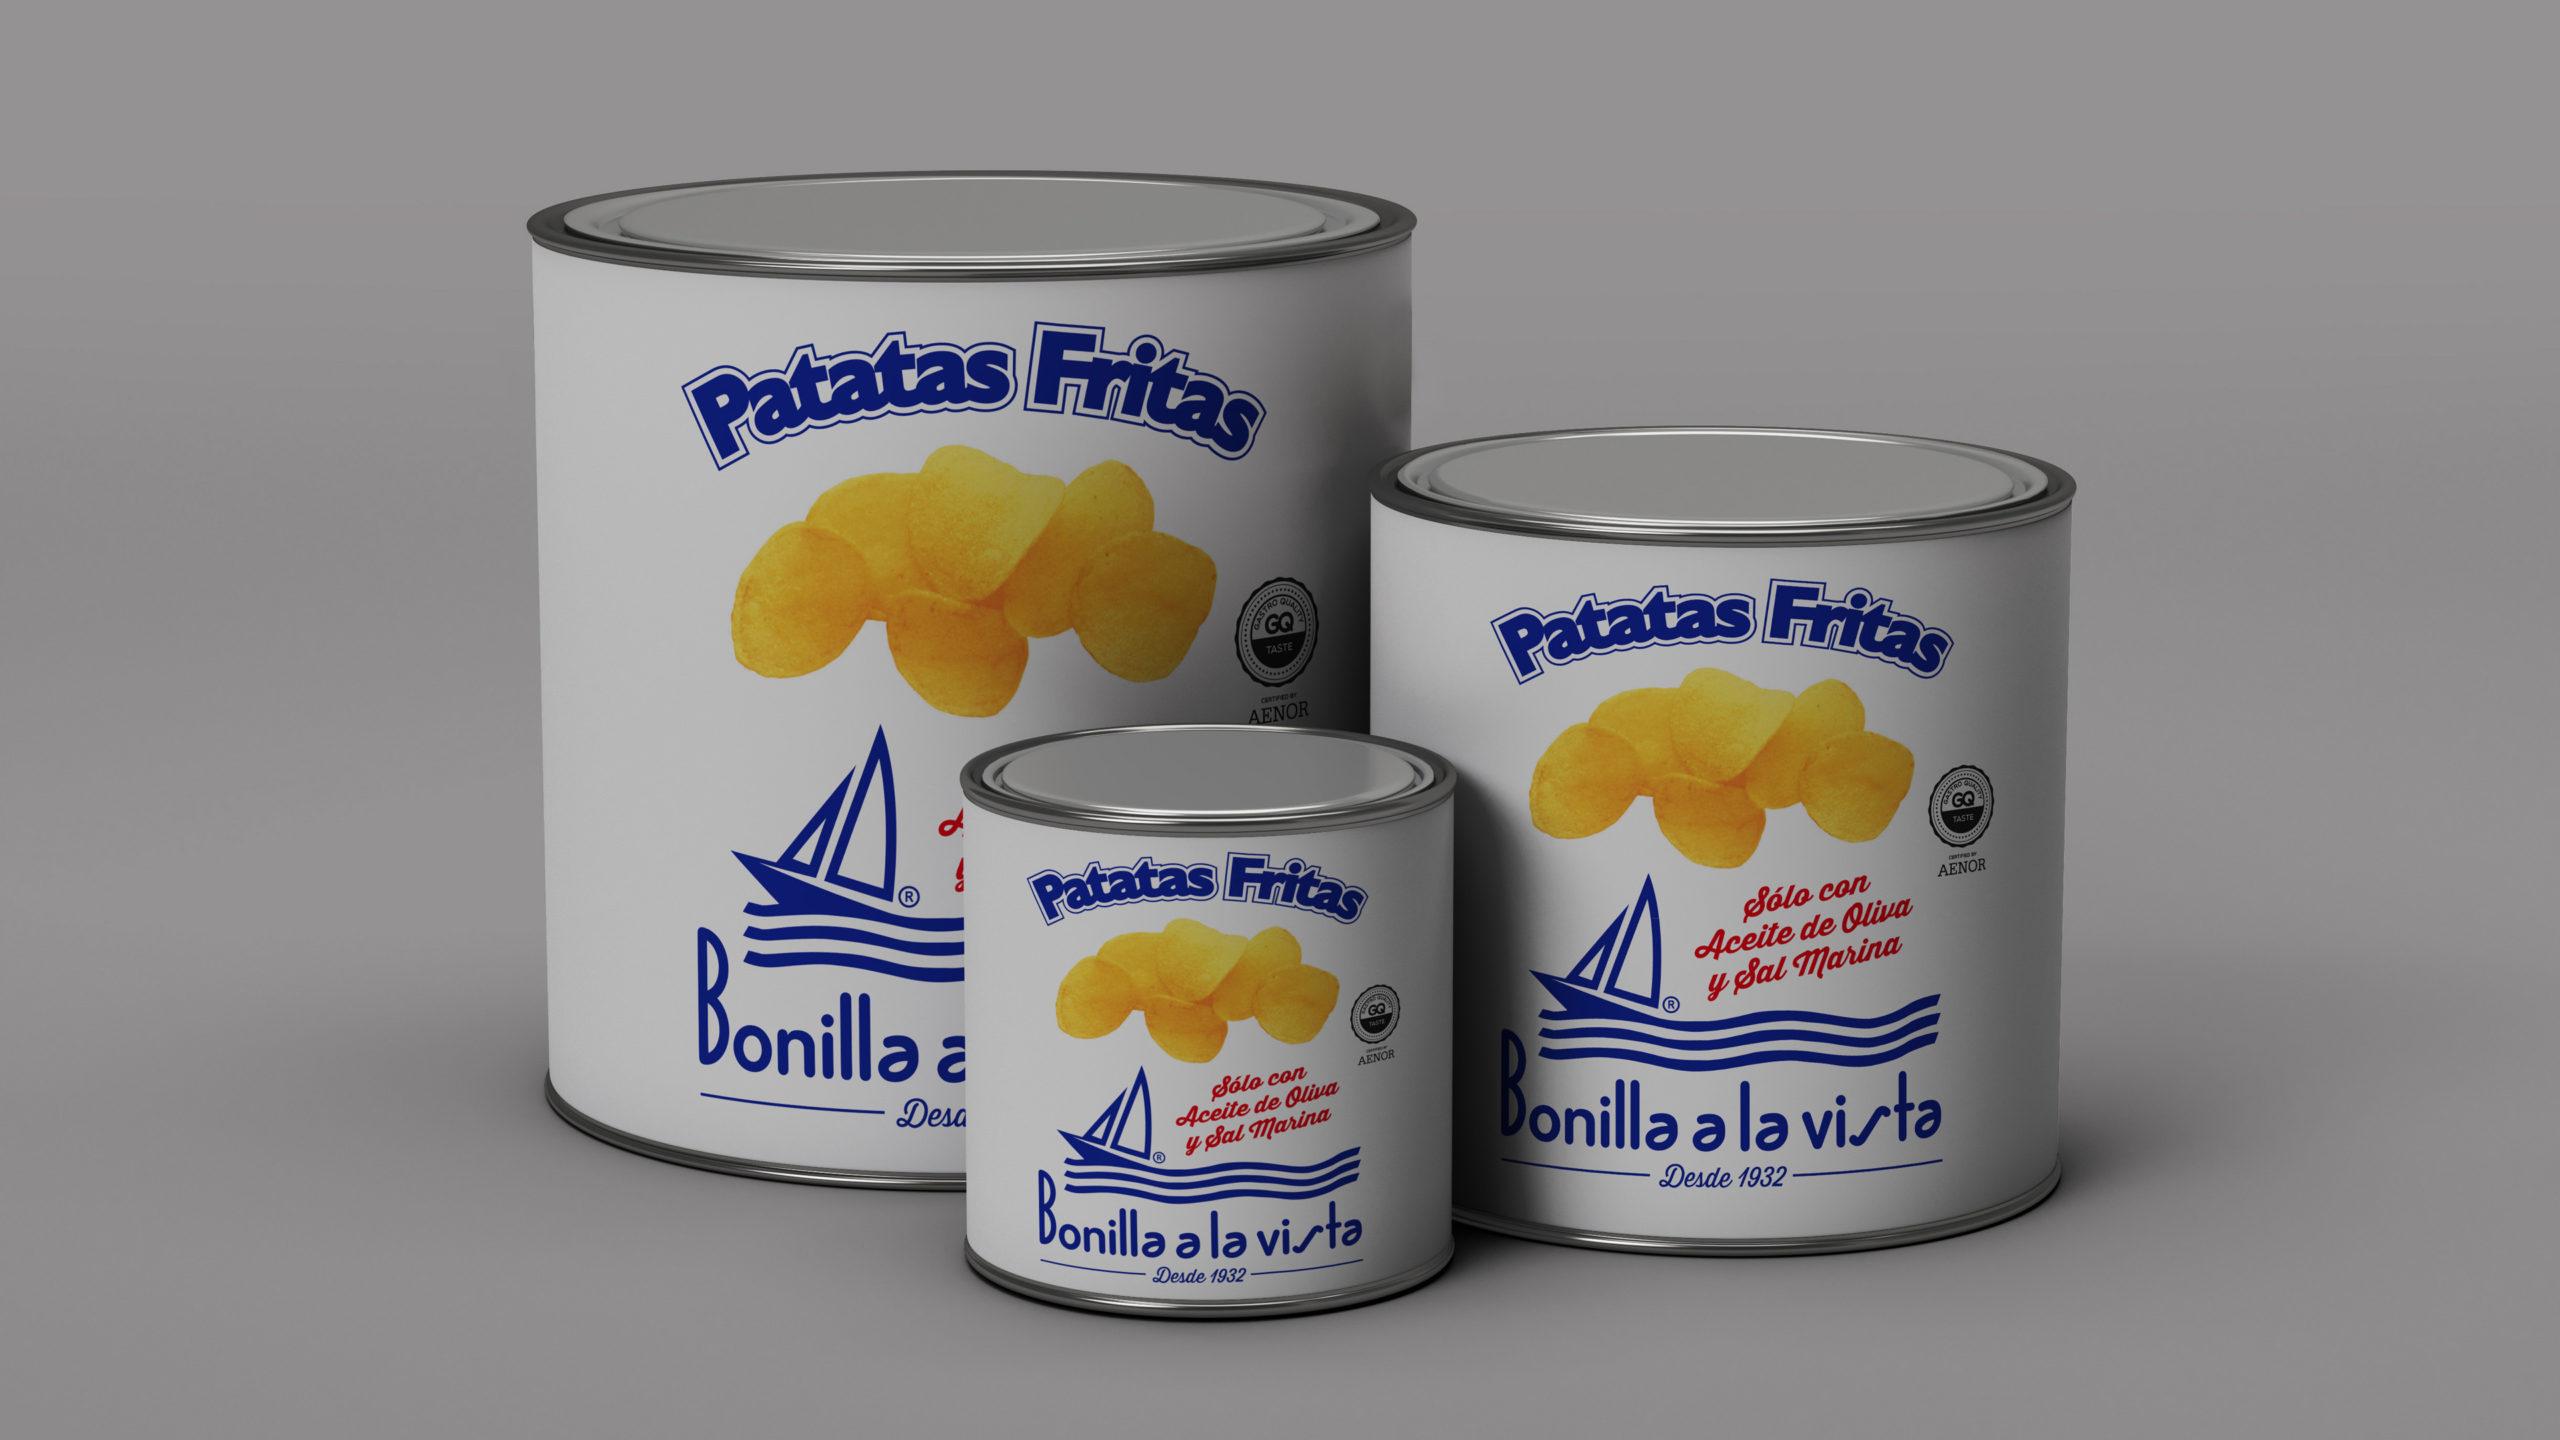 Latas Patatas